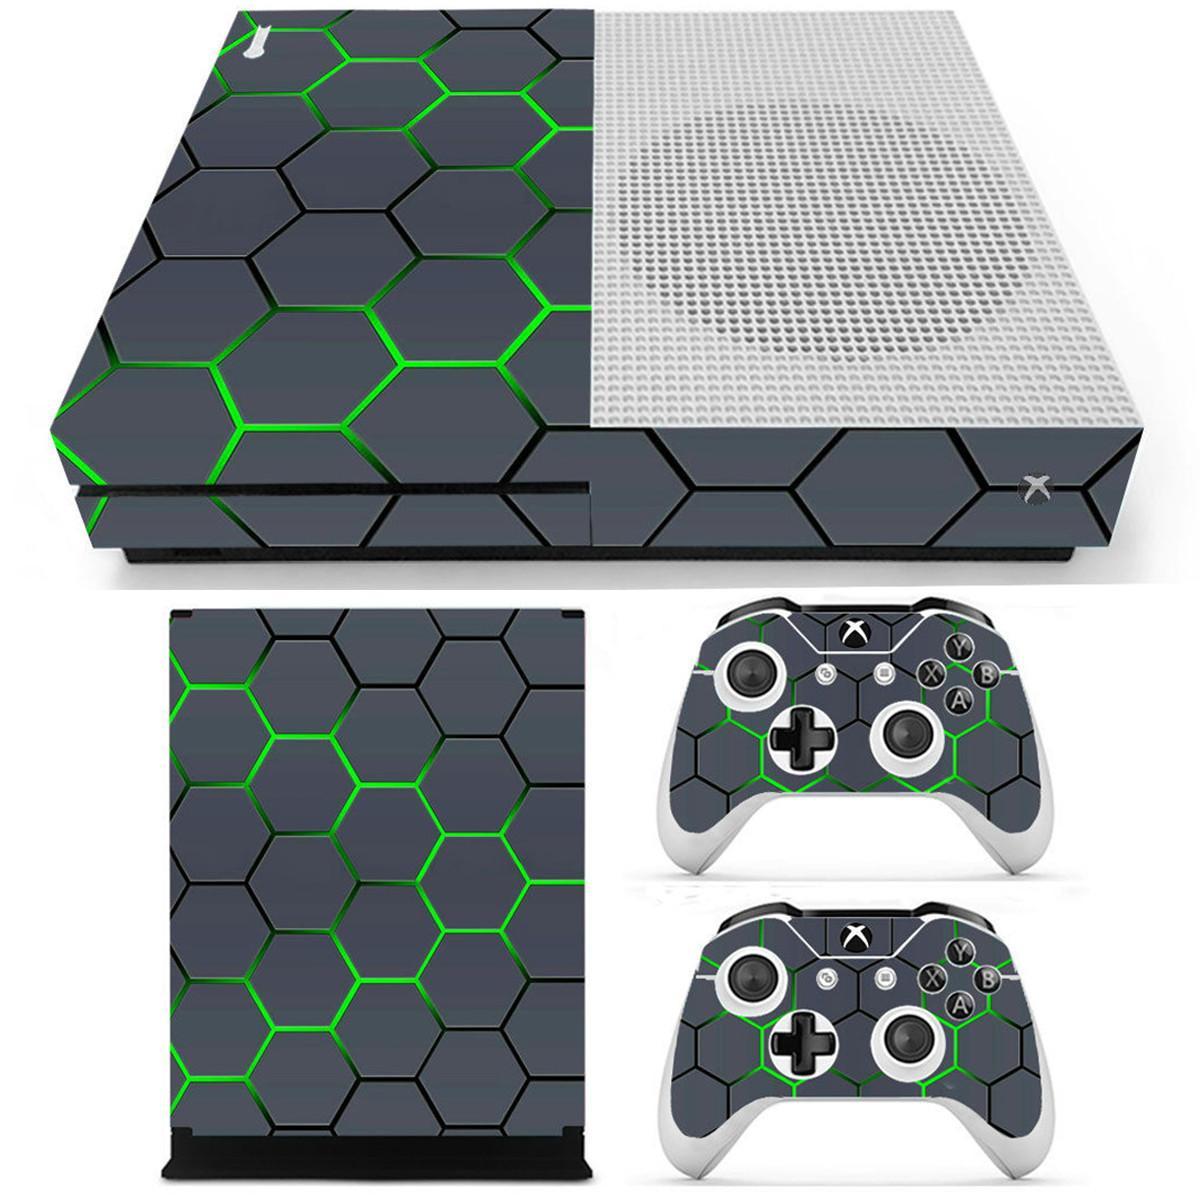 Xbox One S Oyun Console2 Kontrolörleri için Yeşil Izgara Vinil Etiket Cilt Etiketler Kapak